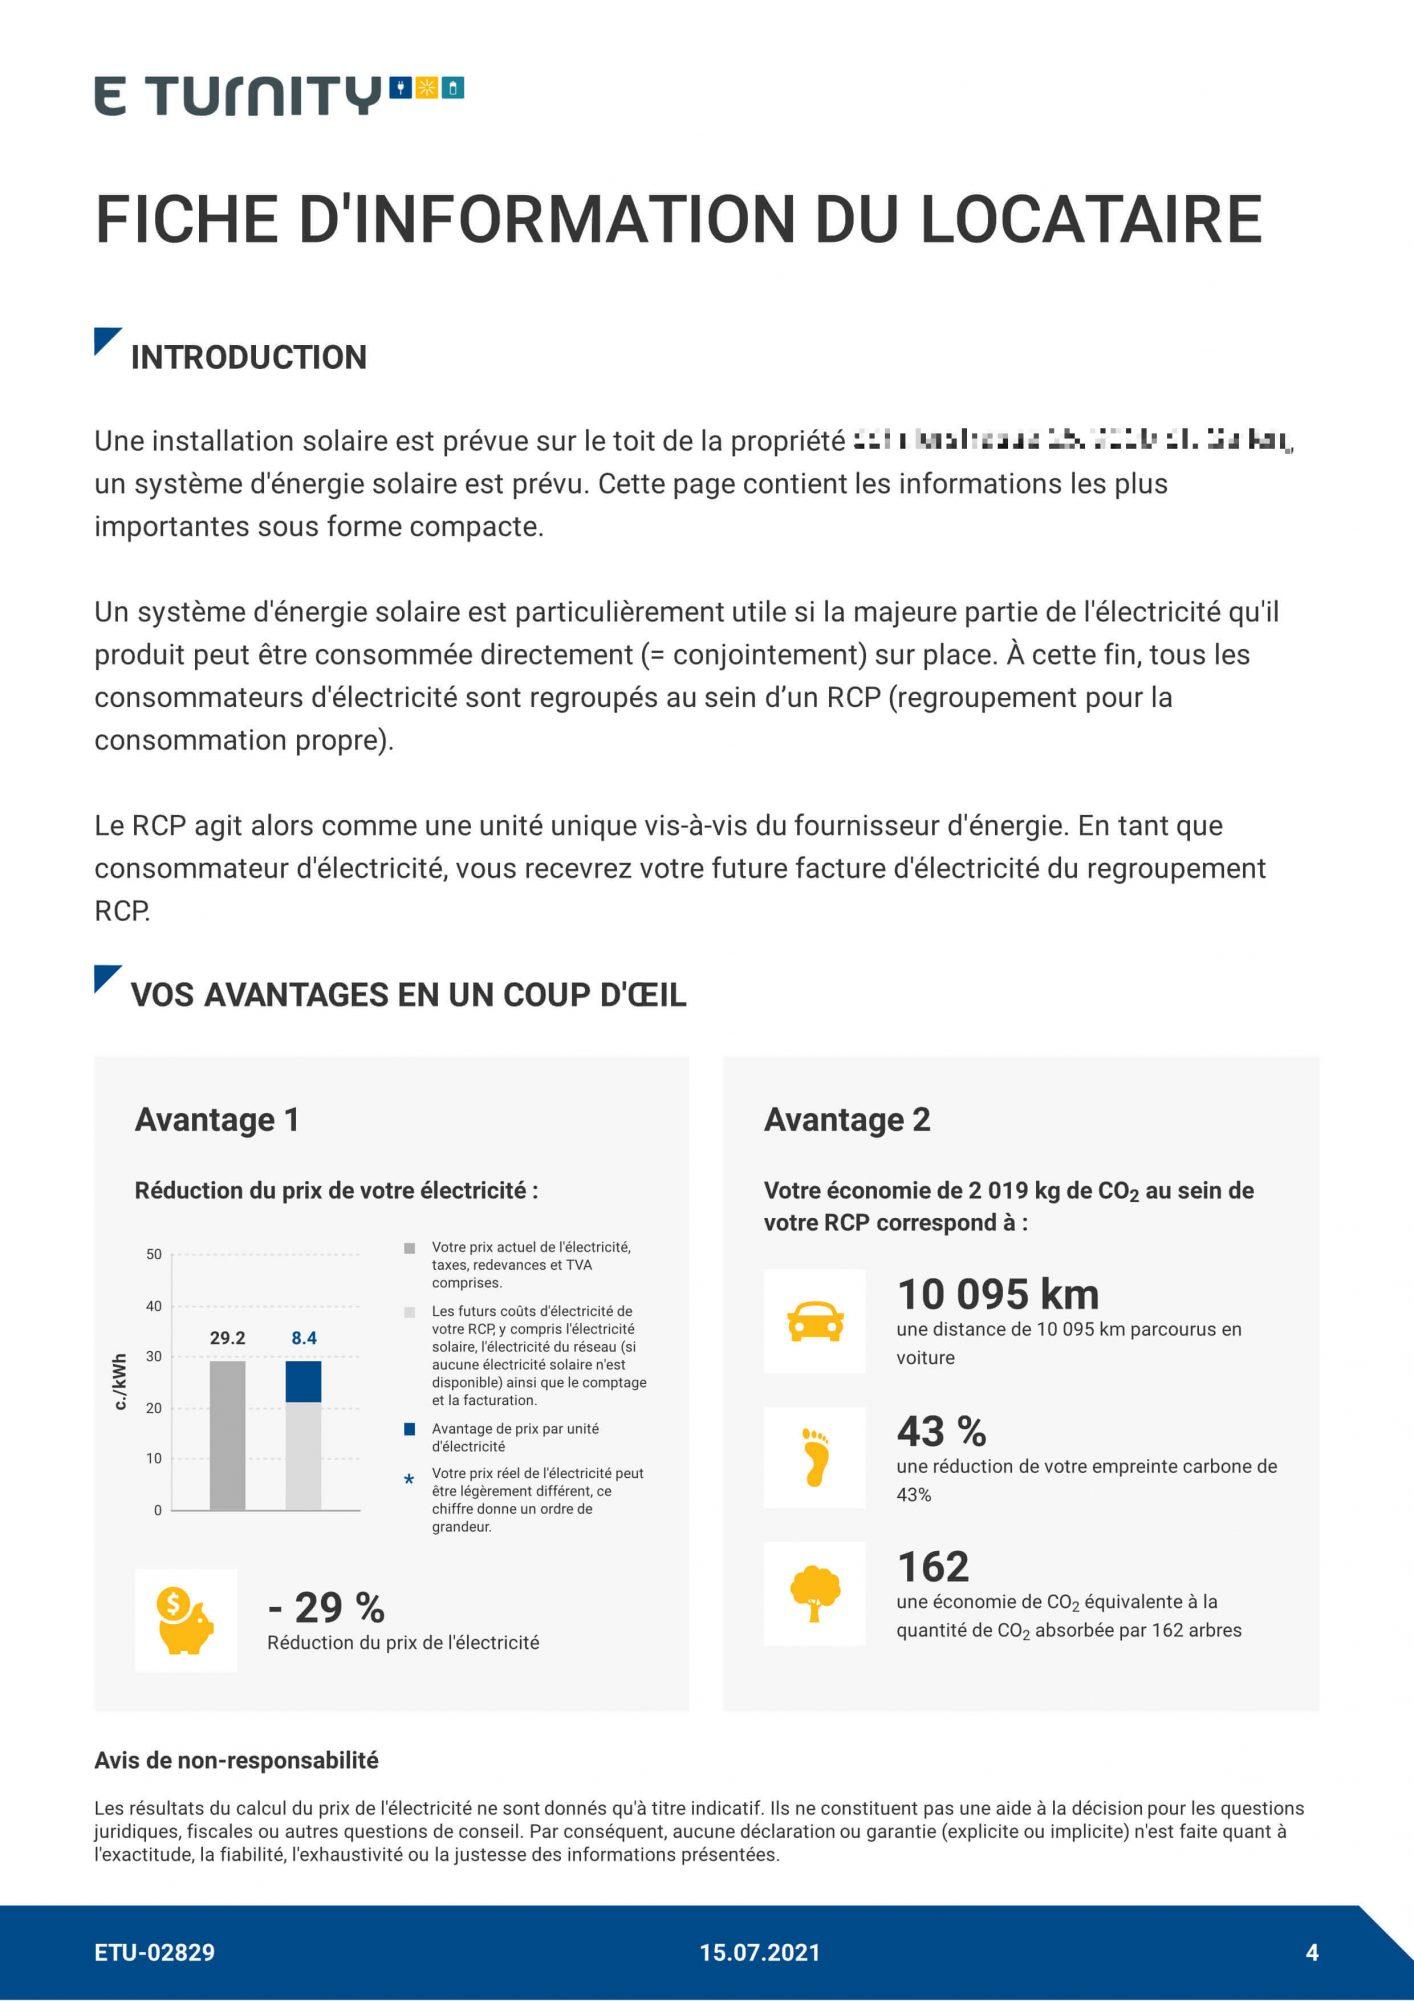 pdf-fiche-d-information-du-locataire